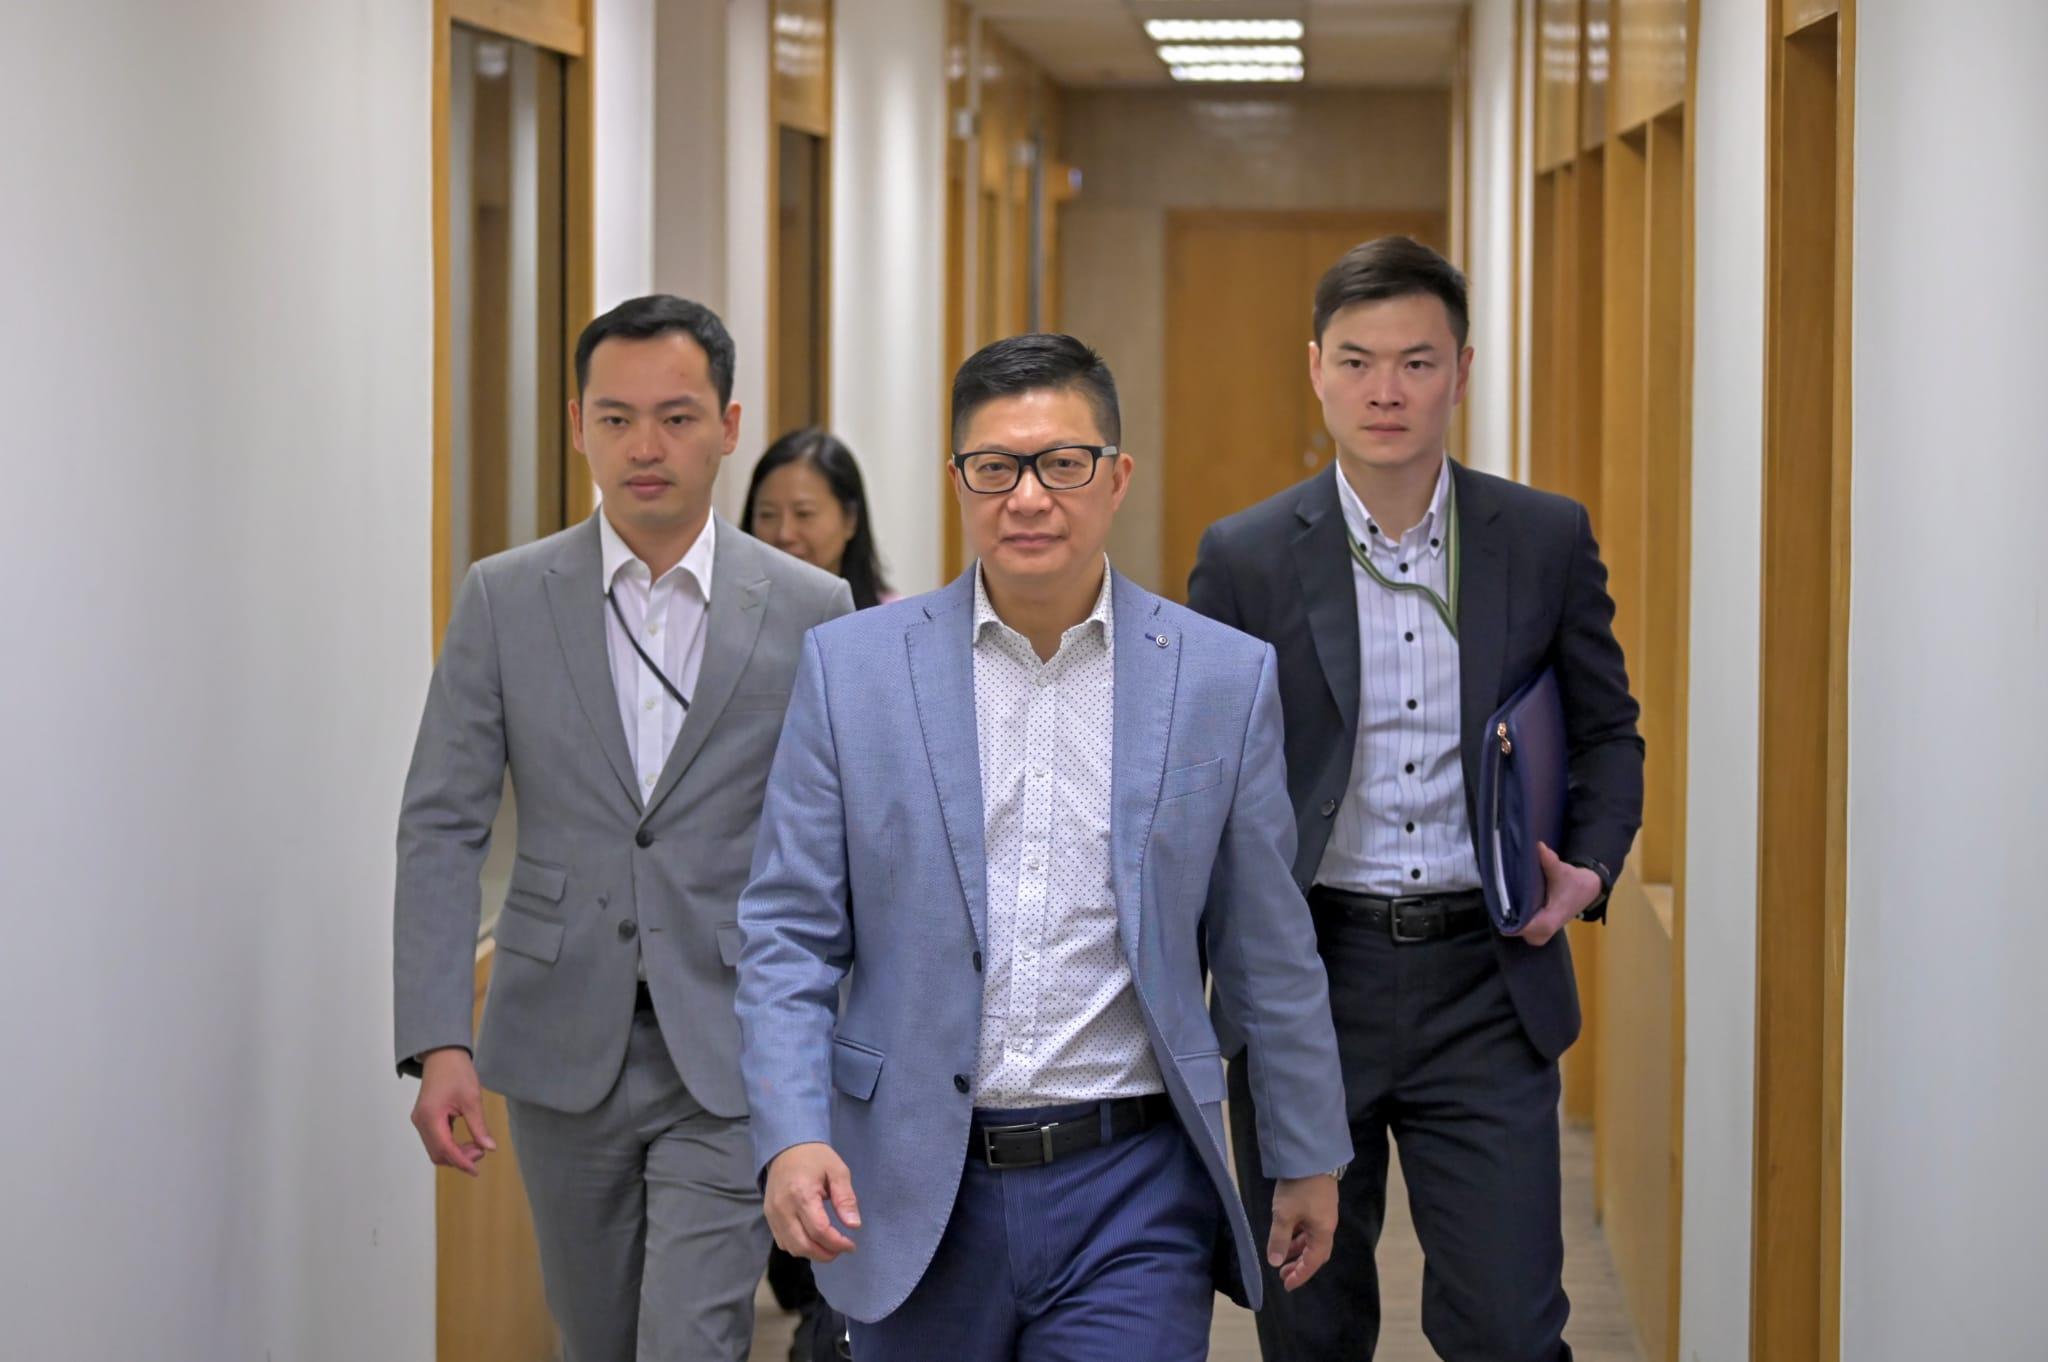 【修例风波】邓炳强批示威者再堵路纵火 拒公开催泪弹成份